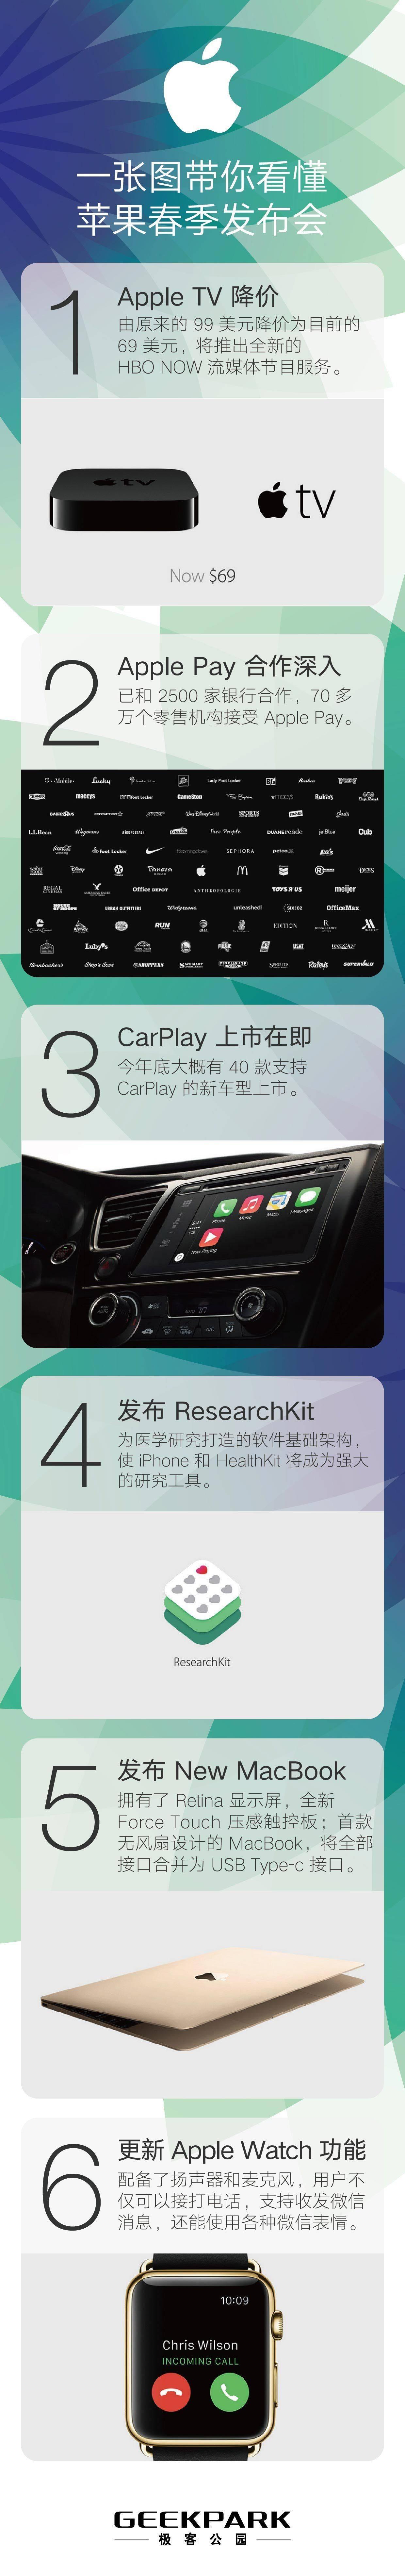 苹果春季发布会信息图 2.jpg